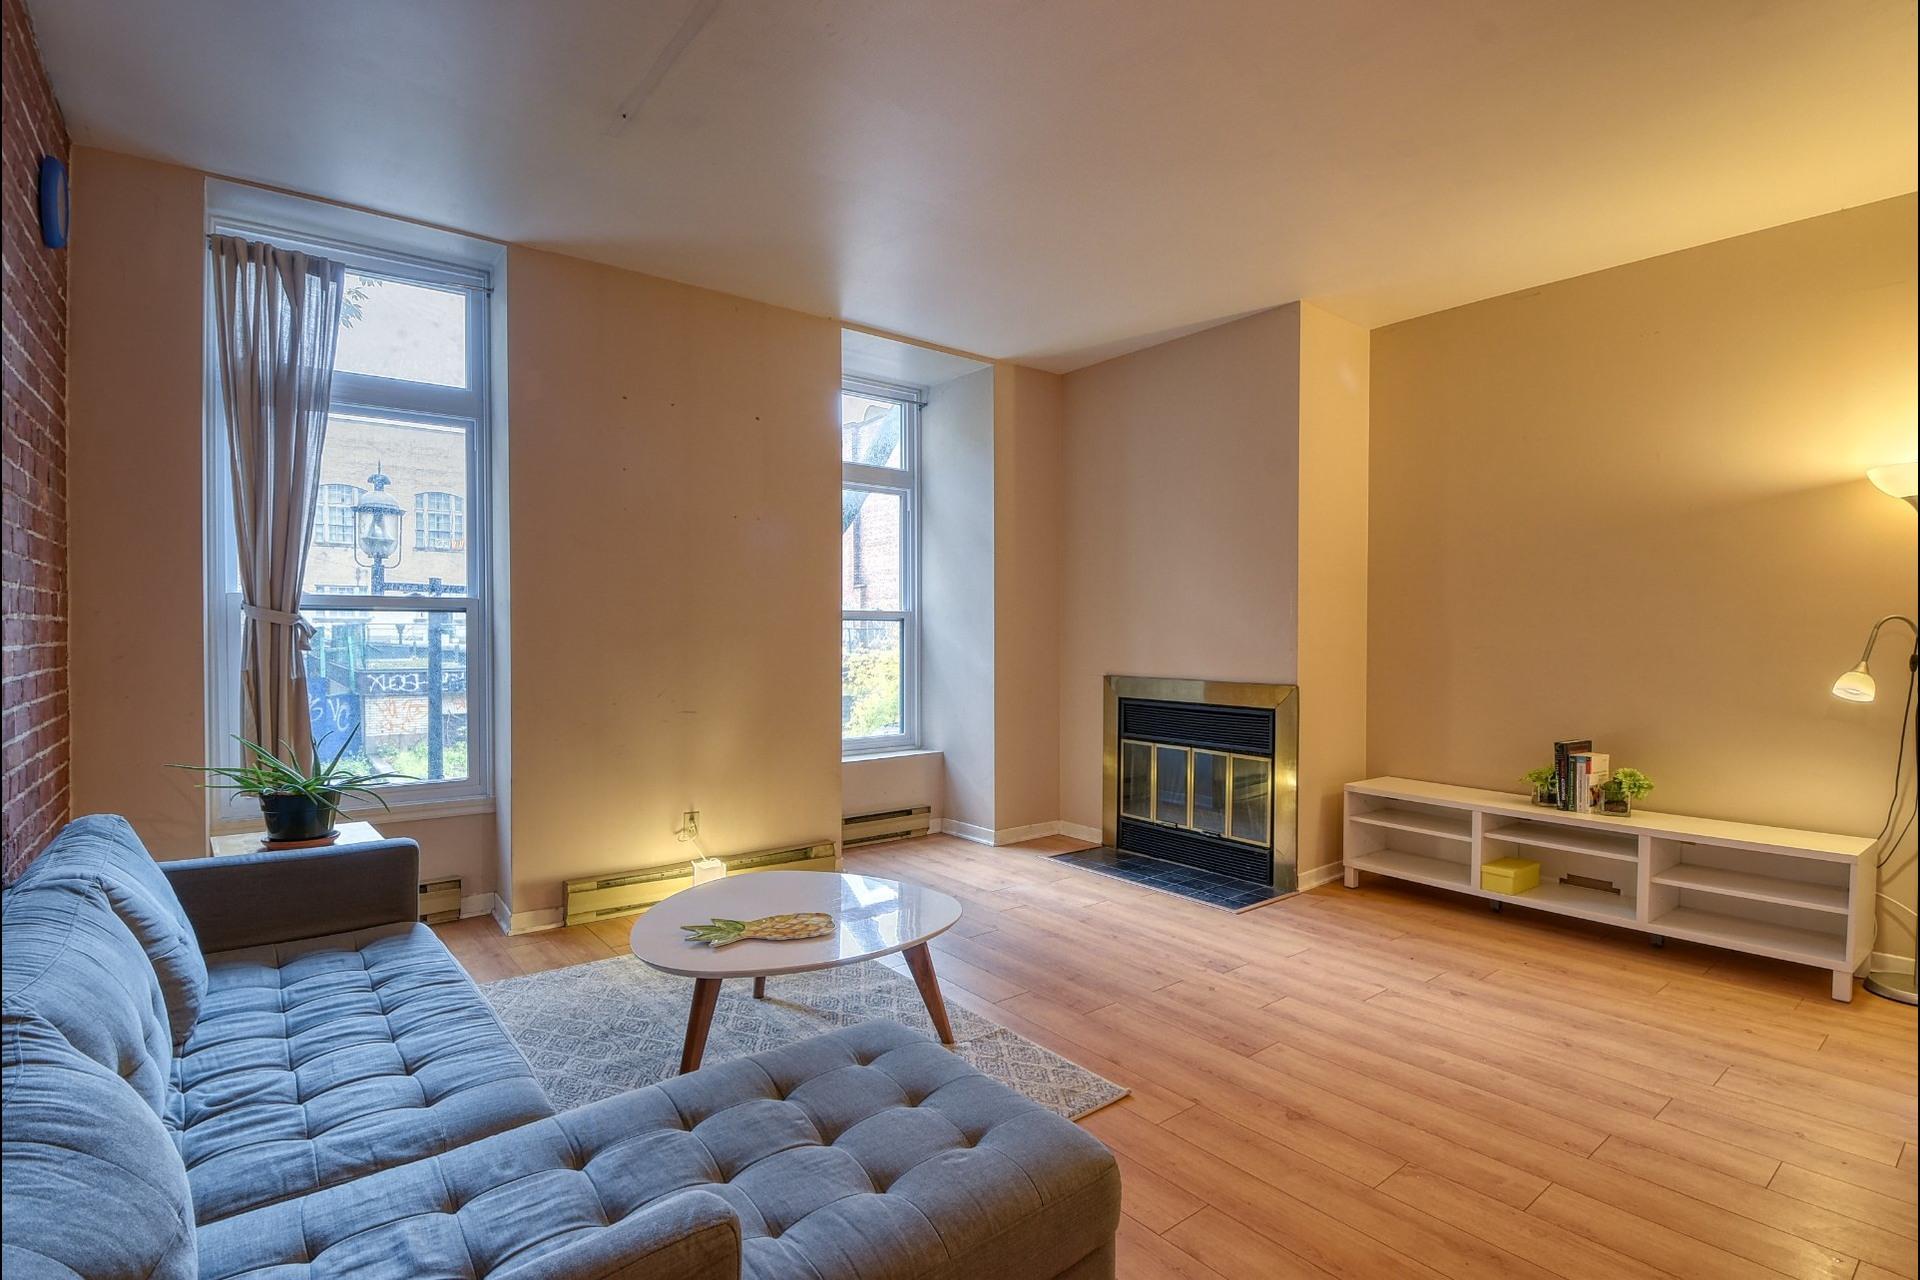 image 3 - Appartement À vendre Le Plateau-Mont-Royal Montréal  - 5 pièces